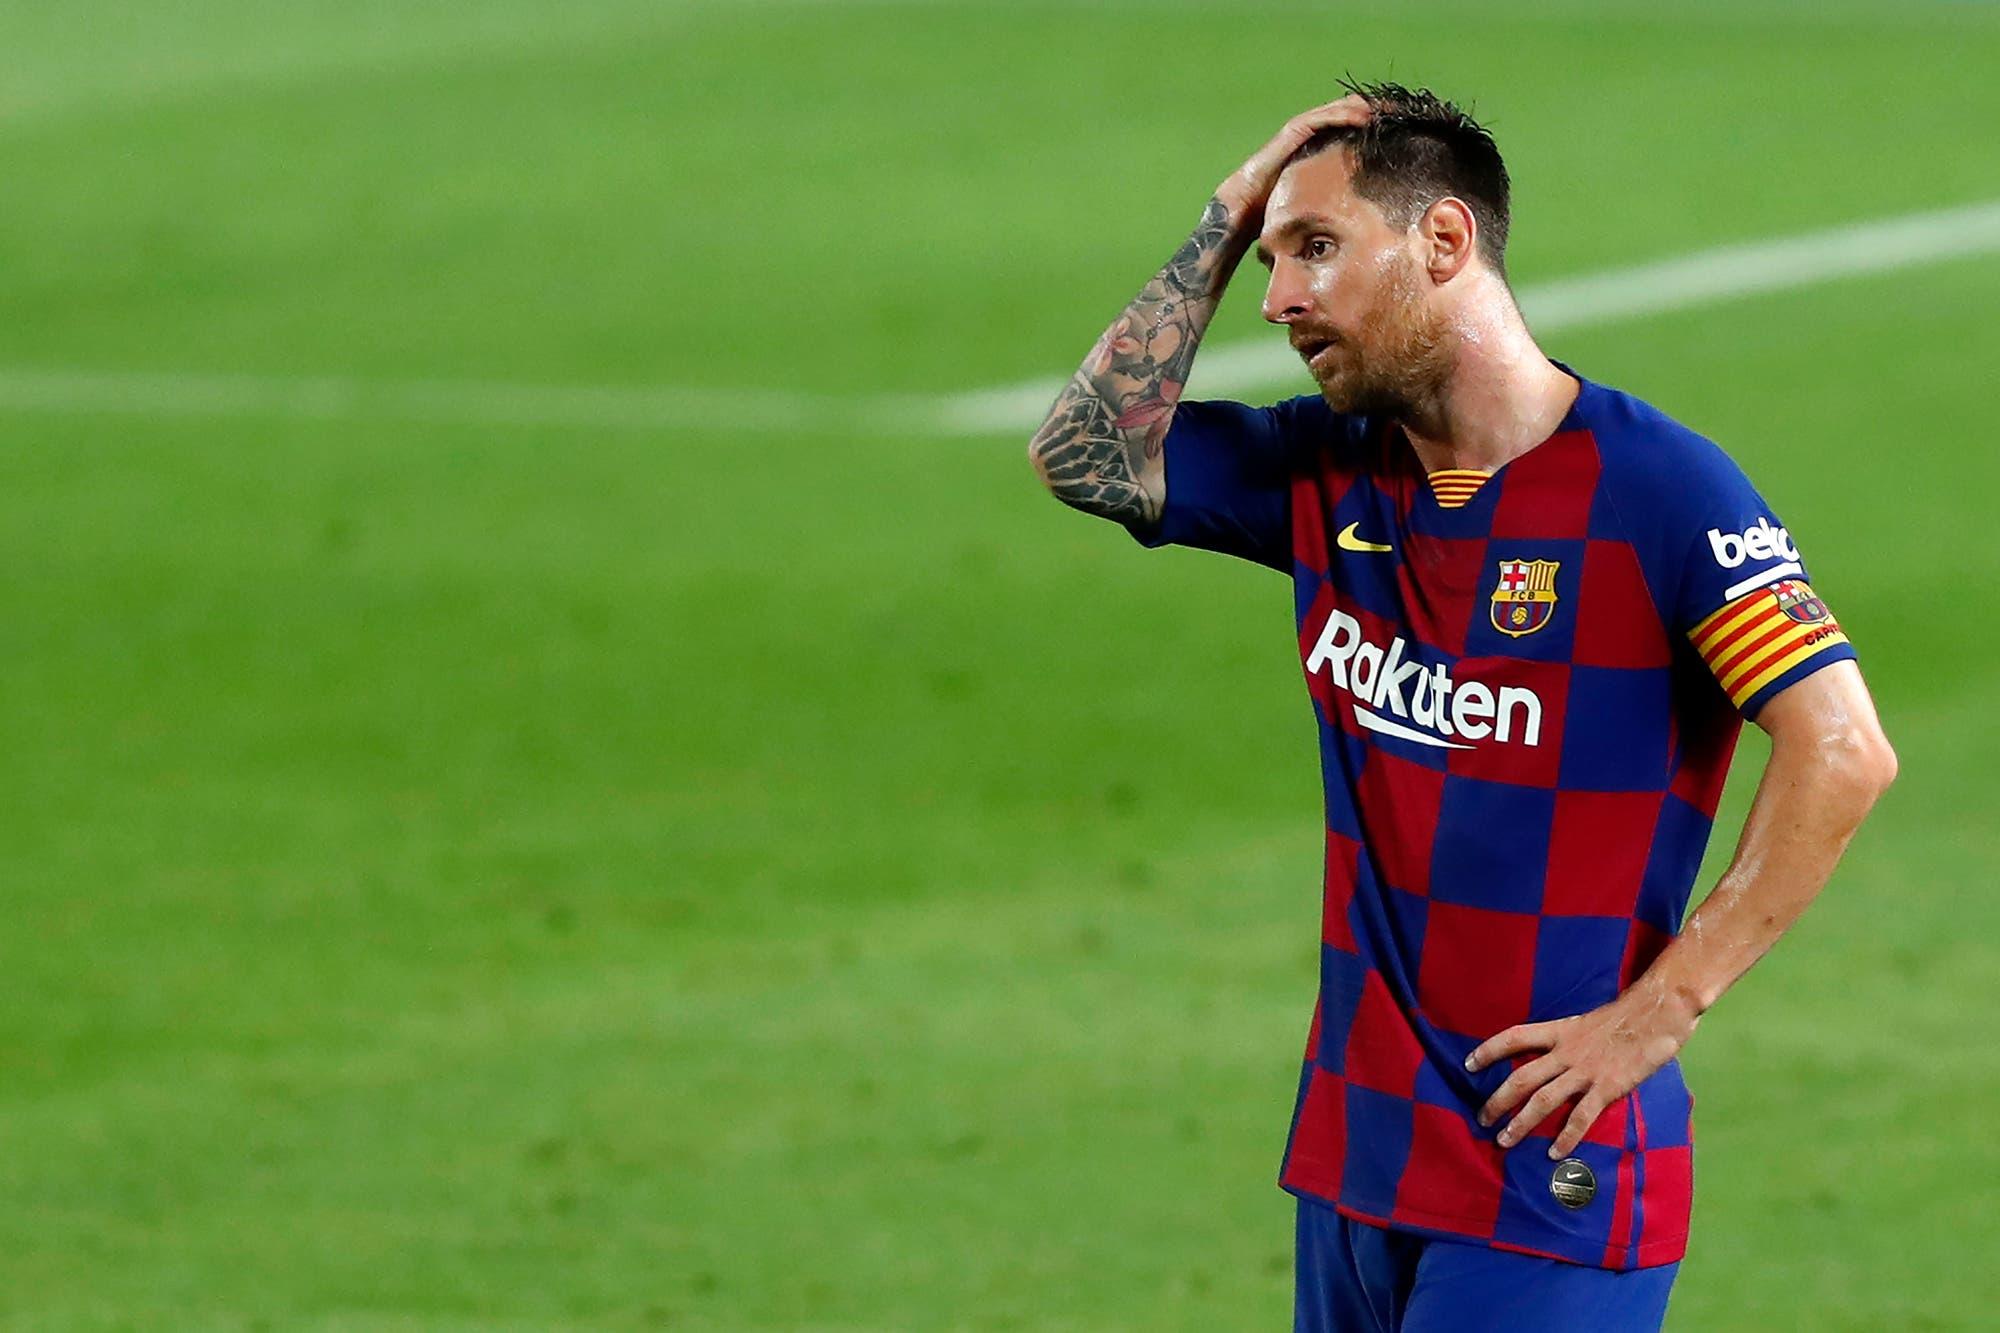 Alavés-Barcelona, por la liga de España: horario, TV y formaciones